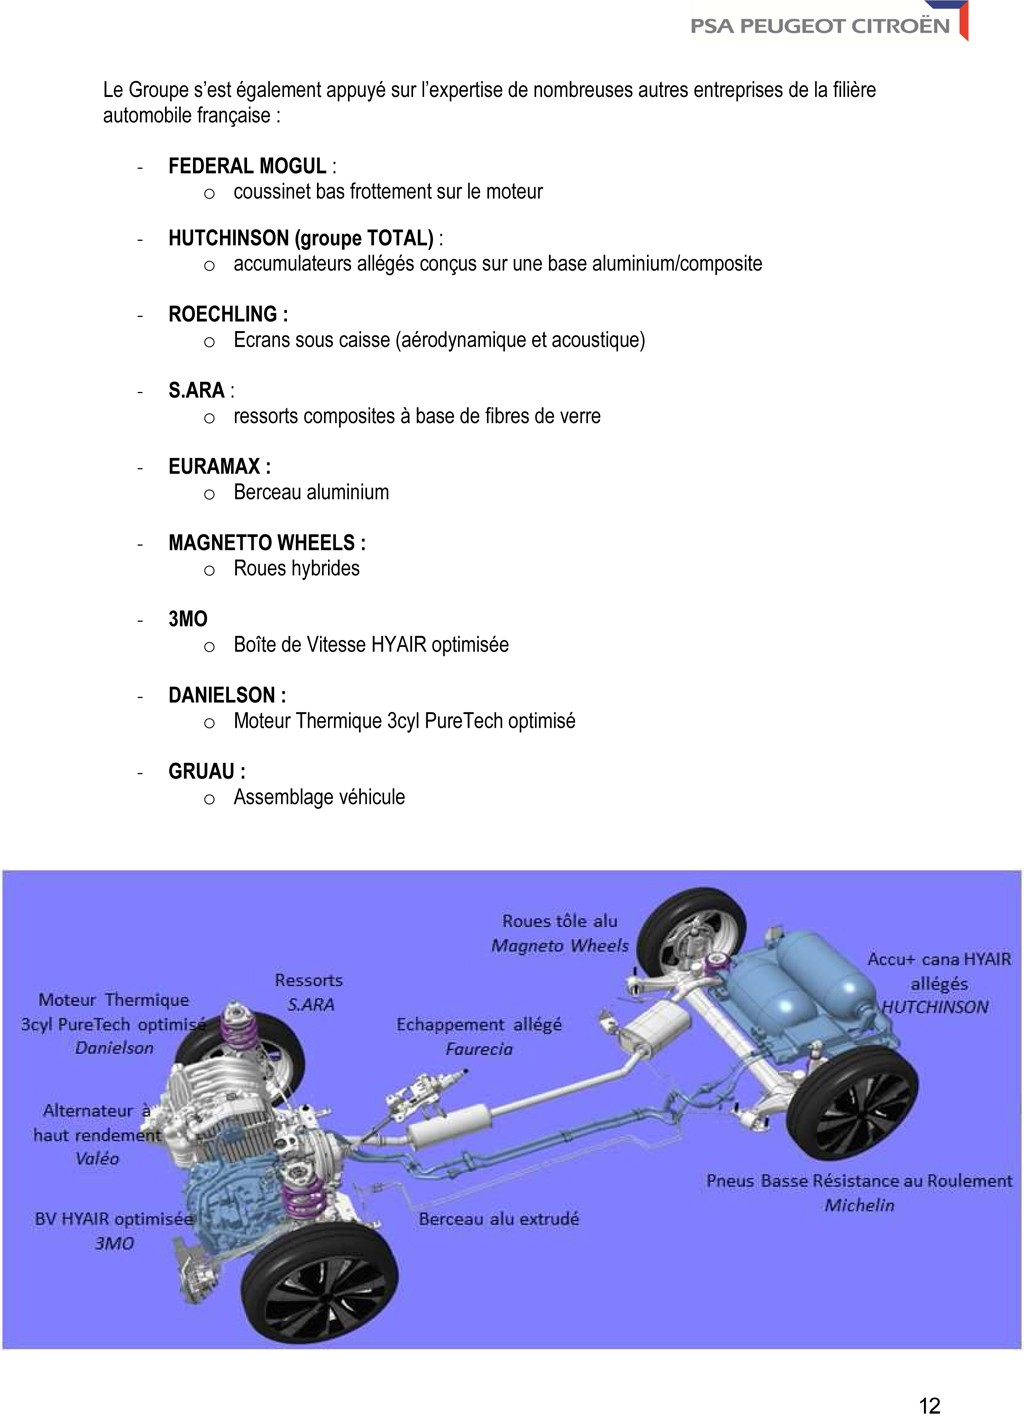 [INFORMATION] PSA: Les nouvelles technologies - Page 4 2014-120